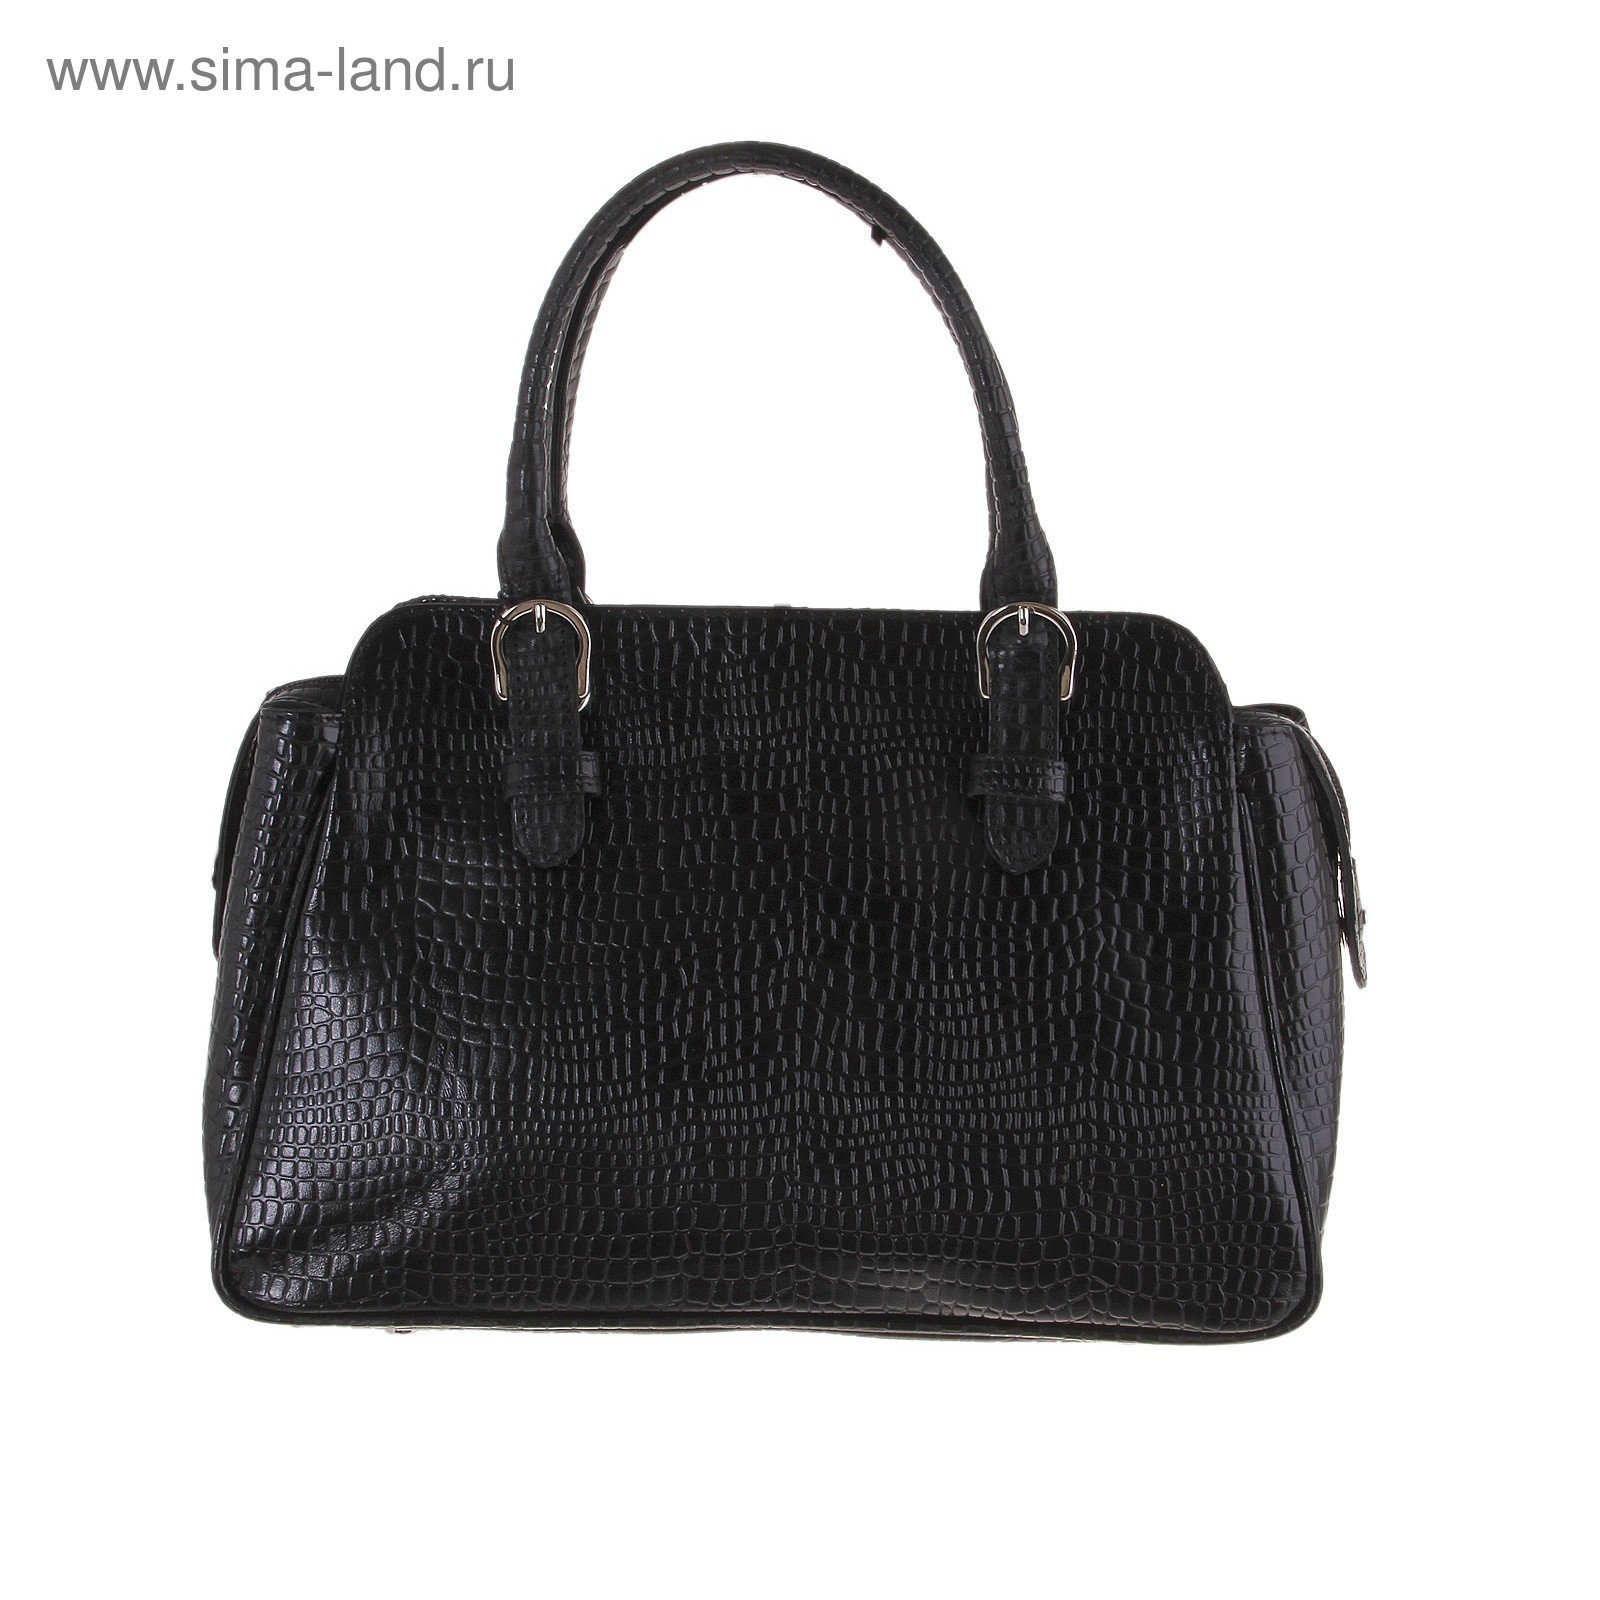 4f57aa189cd3 Сумка женская натуральная кожа, цвет черный крокодил (718652 ...